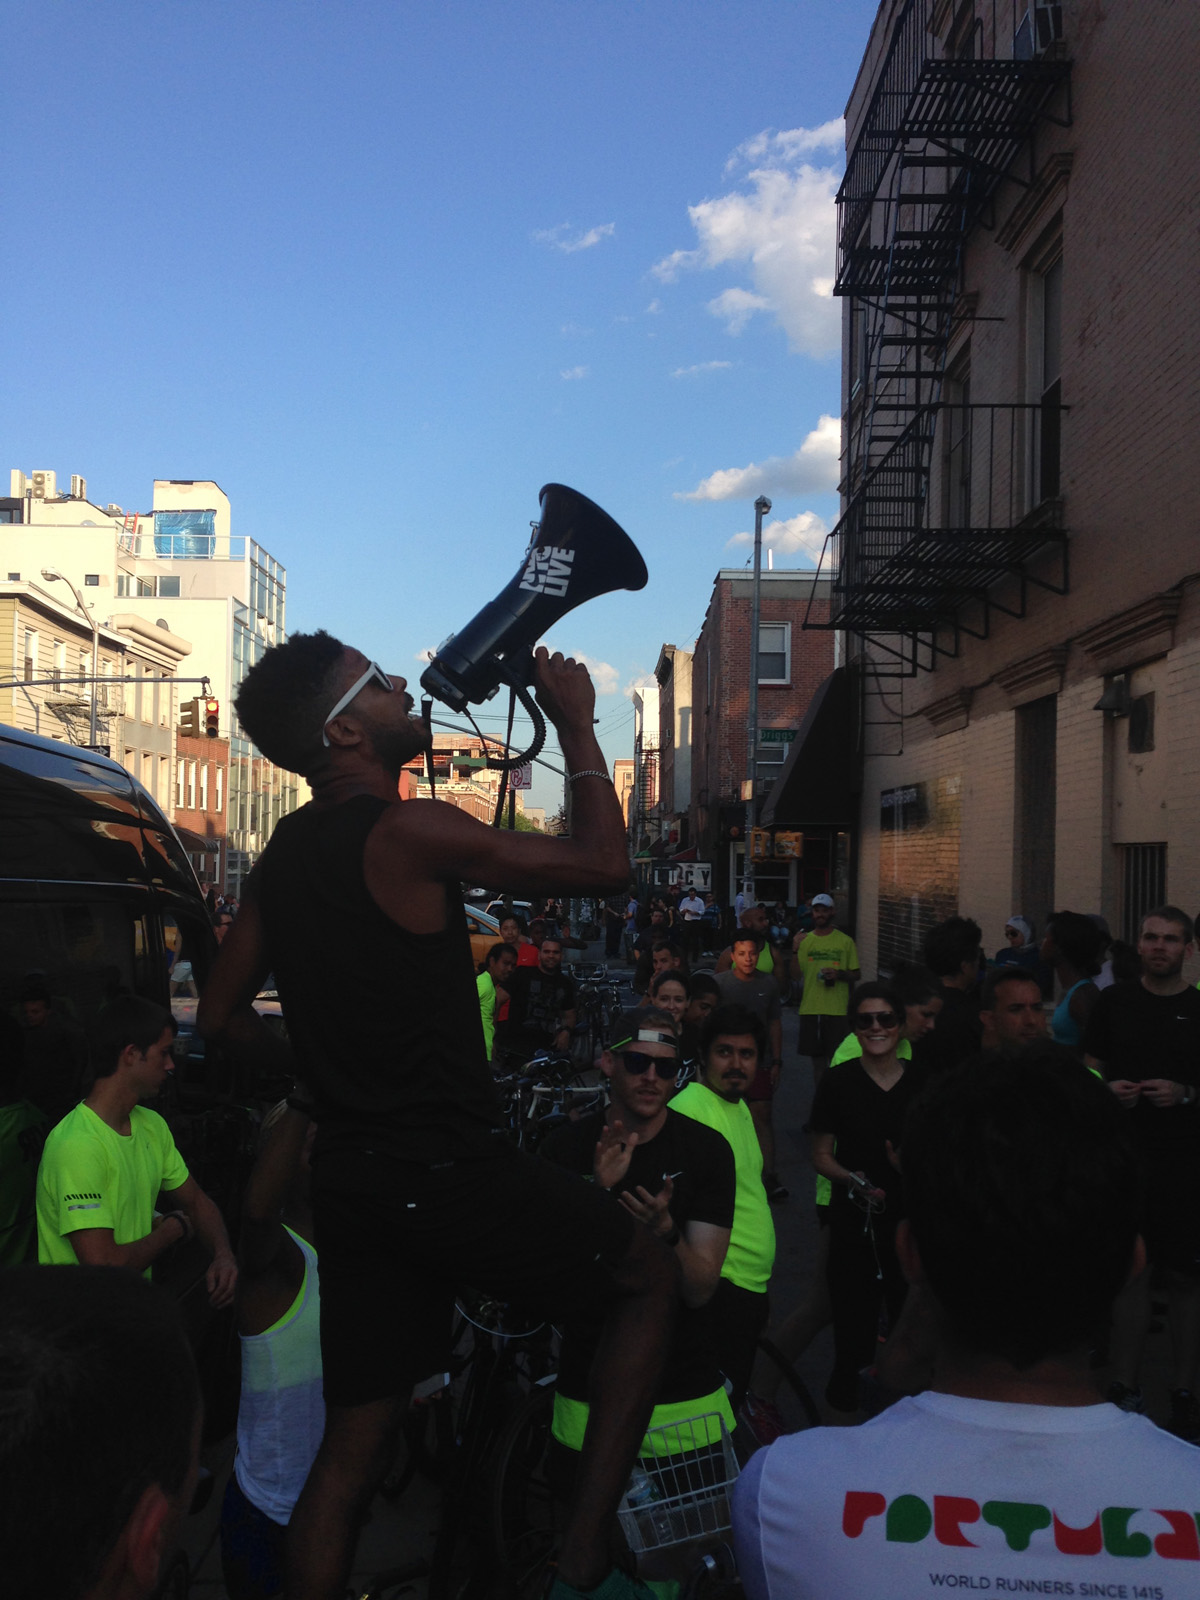 NIKE + NYC'S COACH ROBINSON KICKING OFF THE LOCAL RUN(@FIRSTRUN)